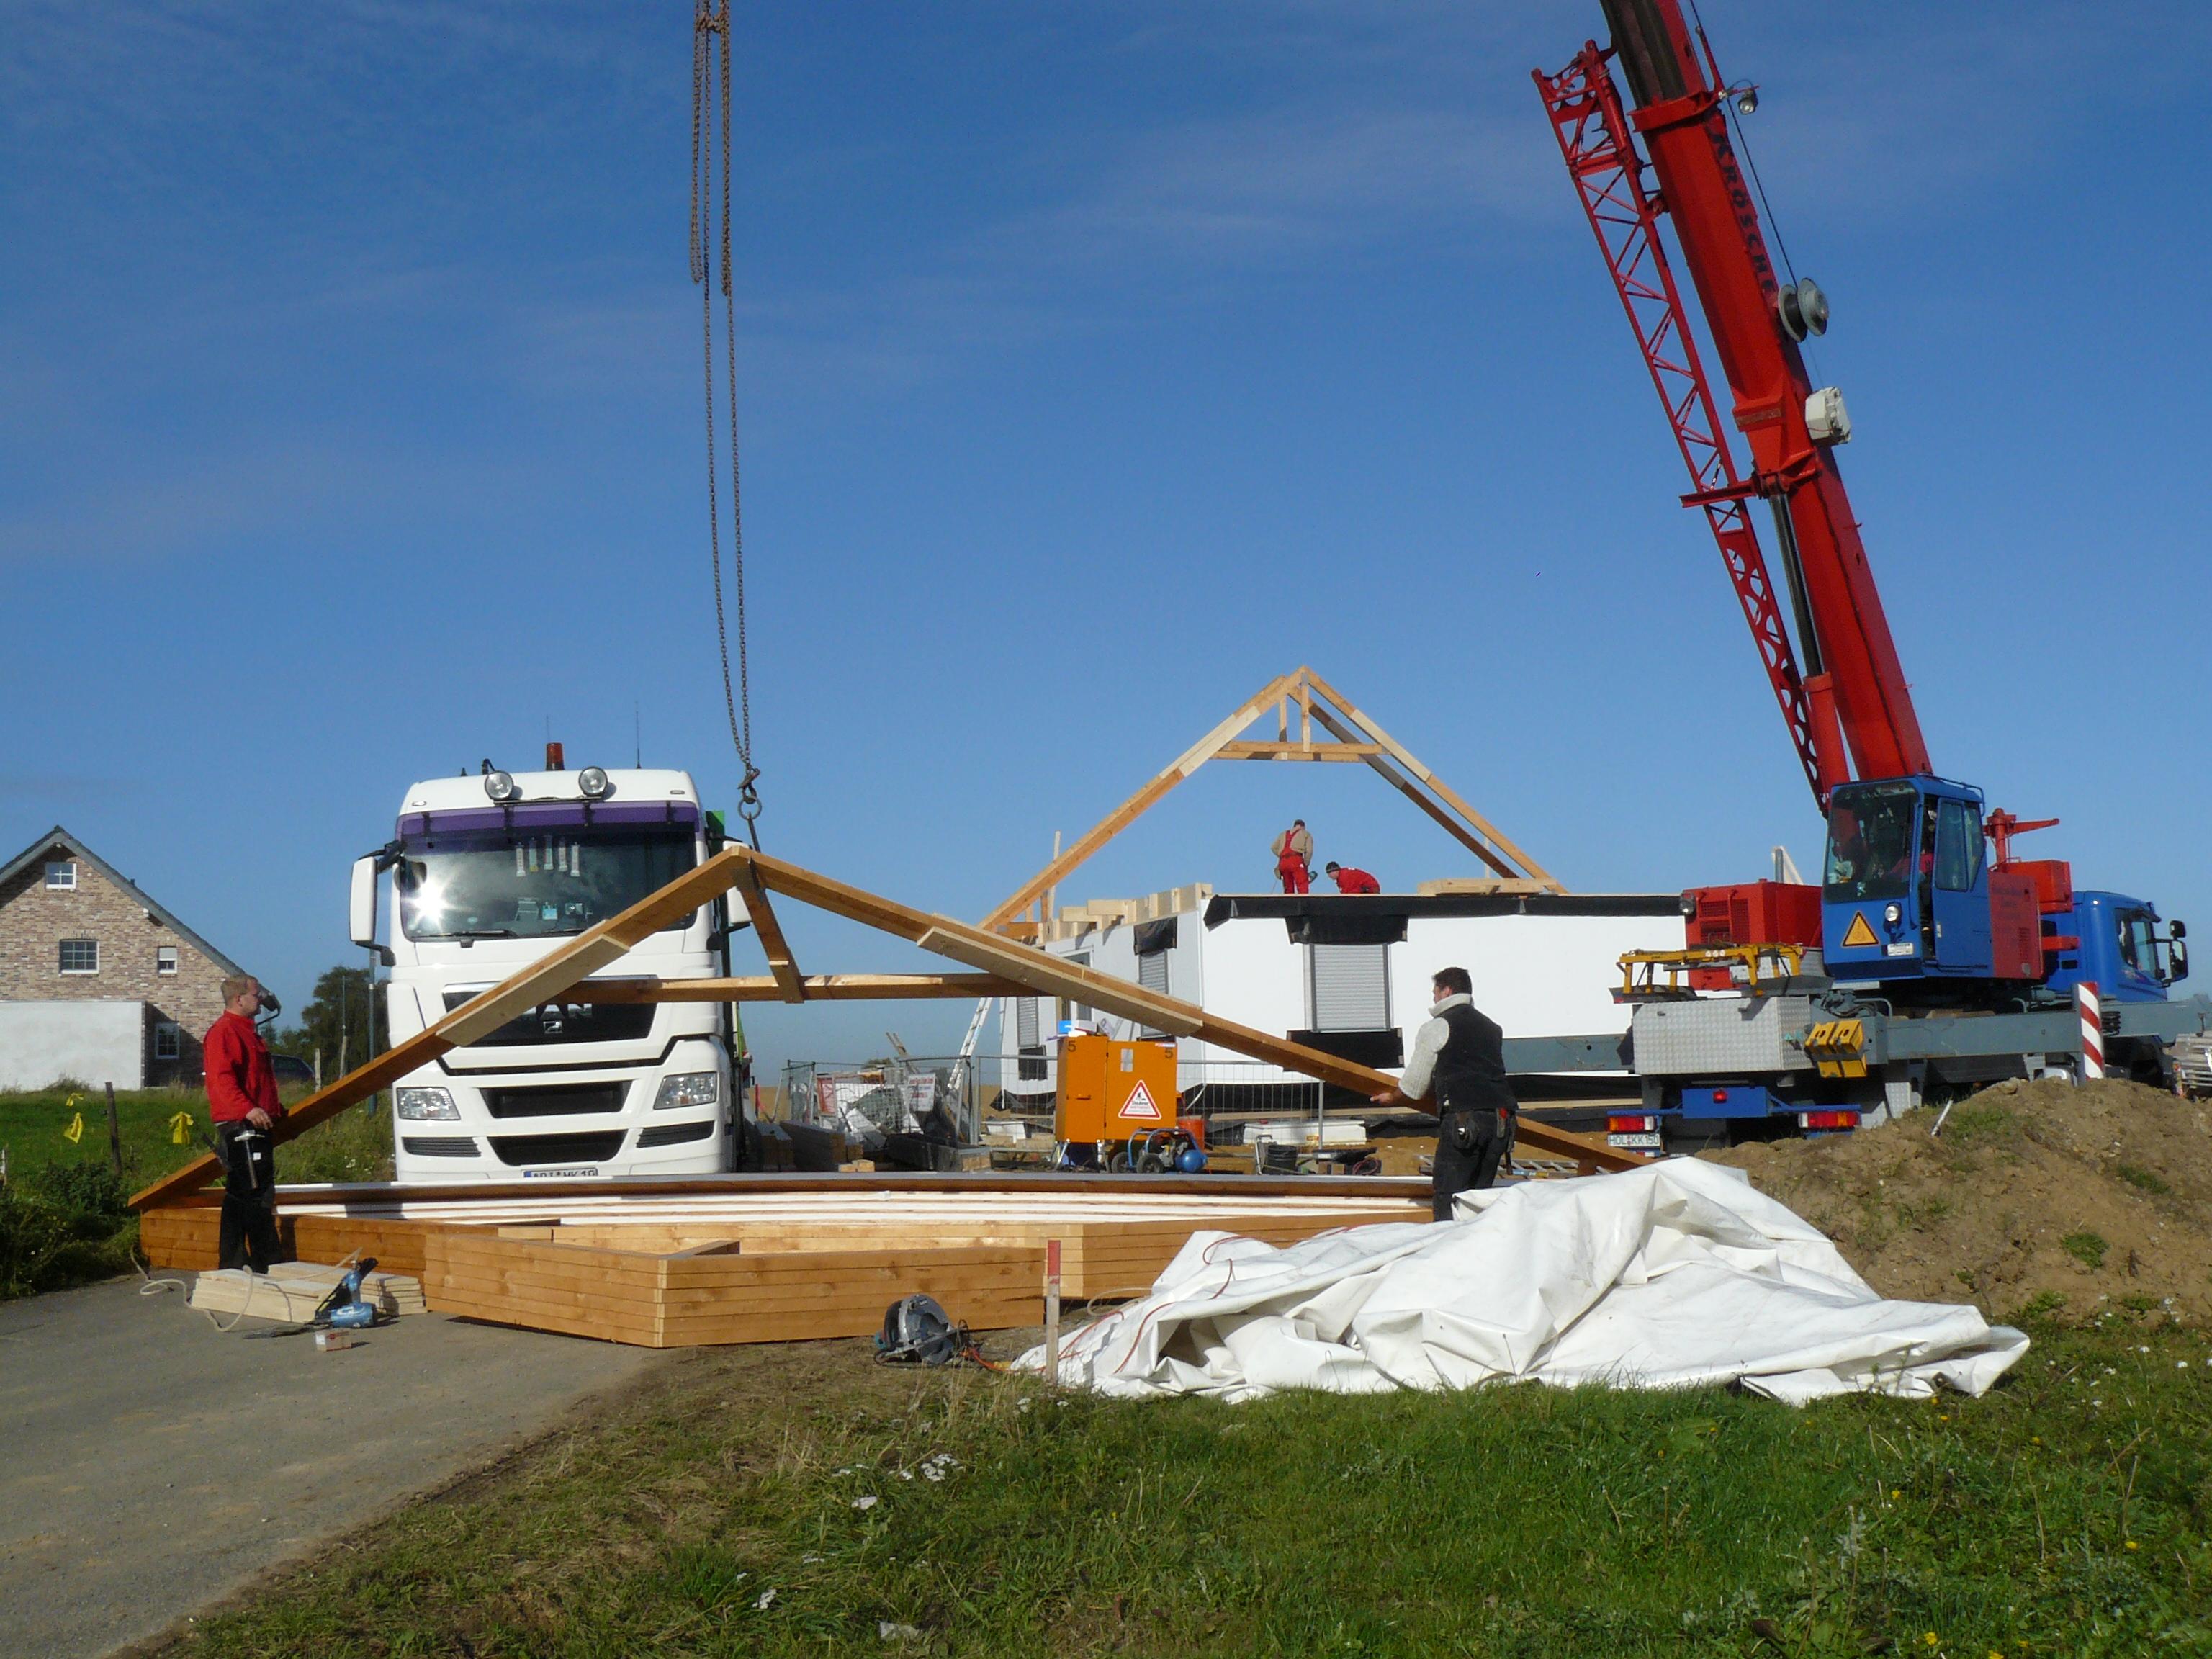 Dachkonstruktion wird vormontiert